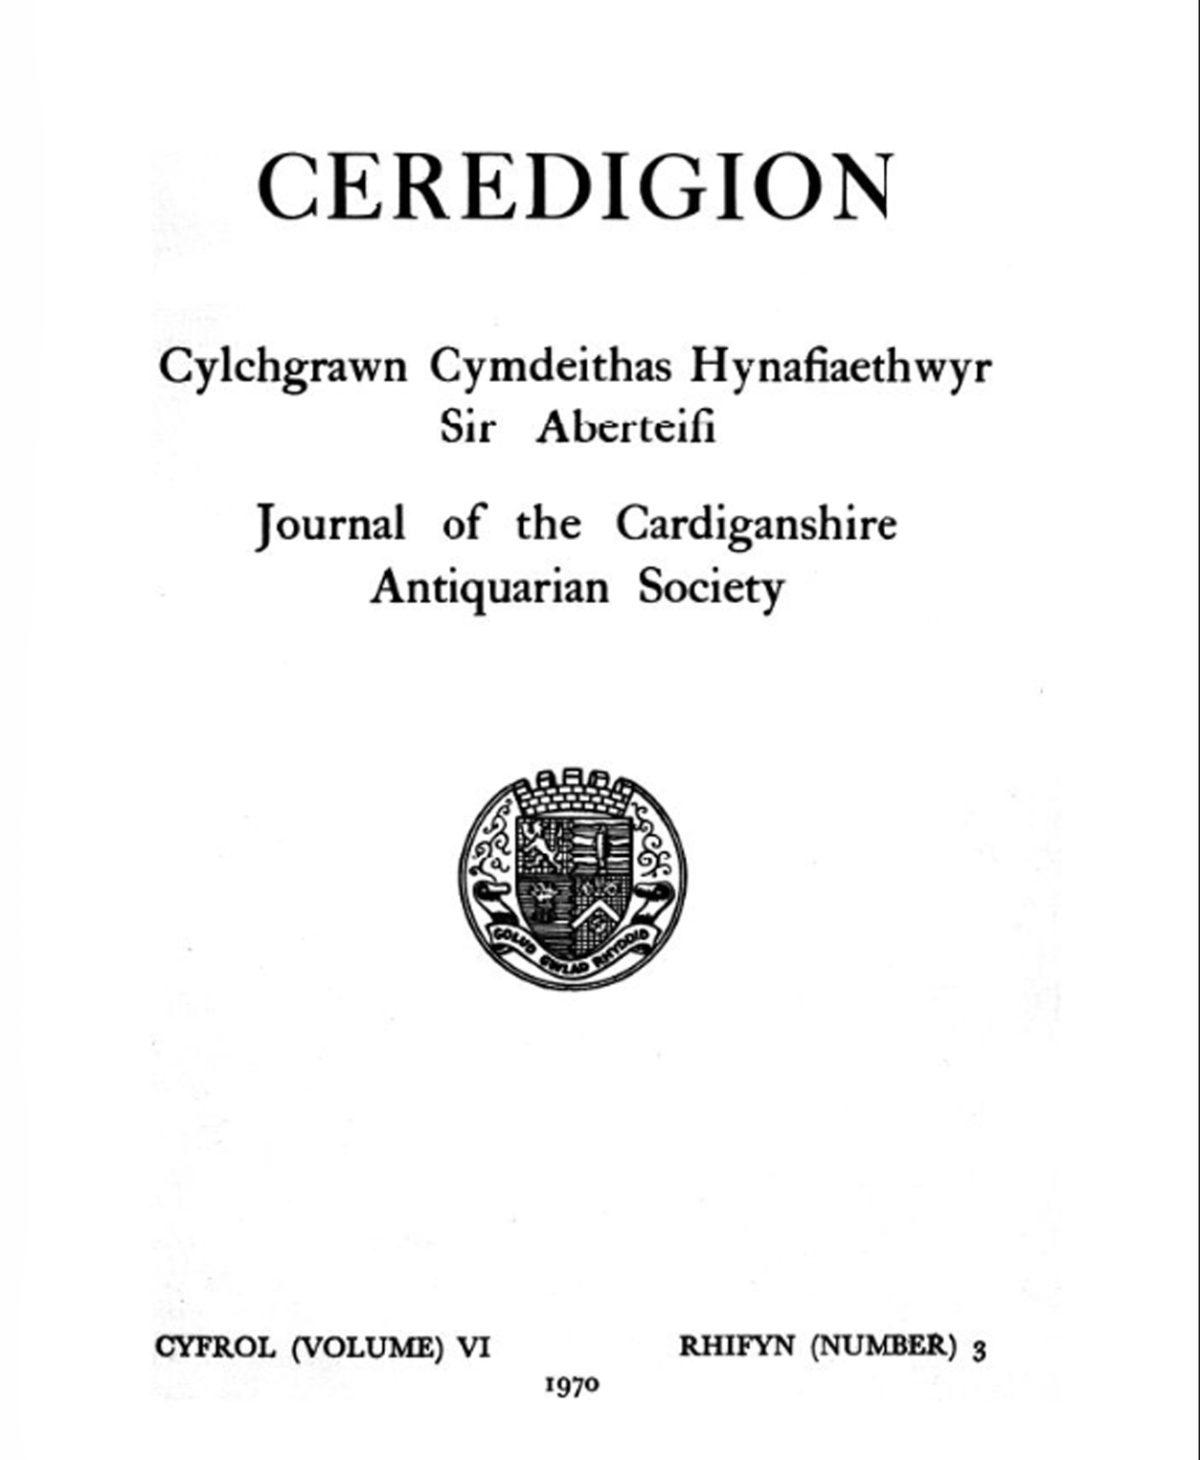 Ceredigion – Cylchgrawn Cymdeithas Hynafiaethwyr Sir Aberteifi, 1970 Cyfrol VI Rhifyn 3